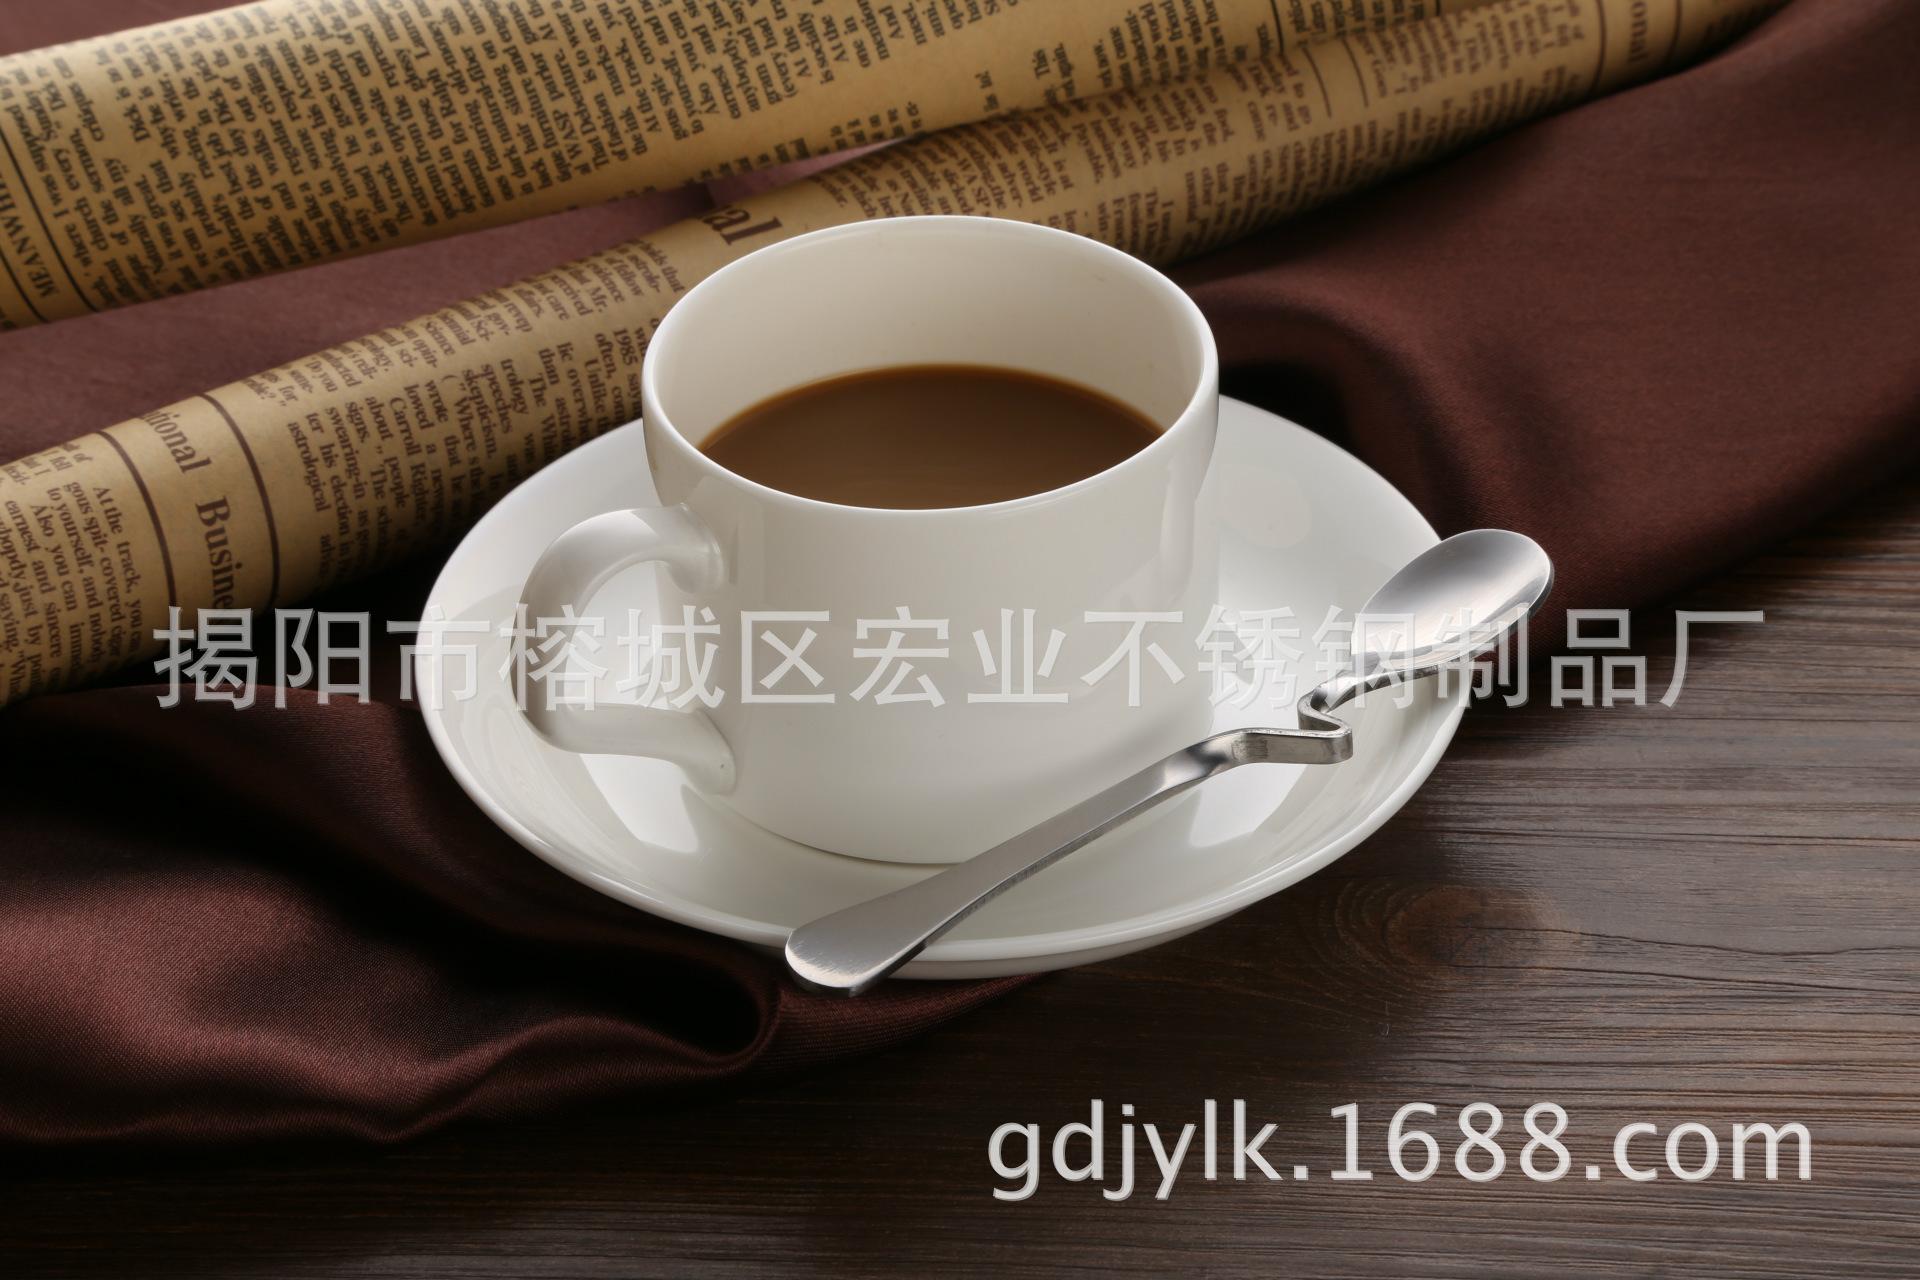 【v型-不锈钢咖啡勺 创意餐具